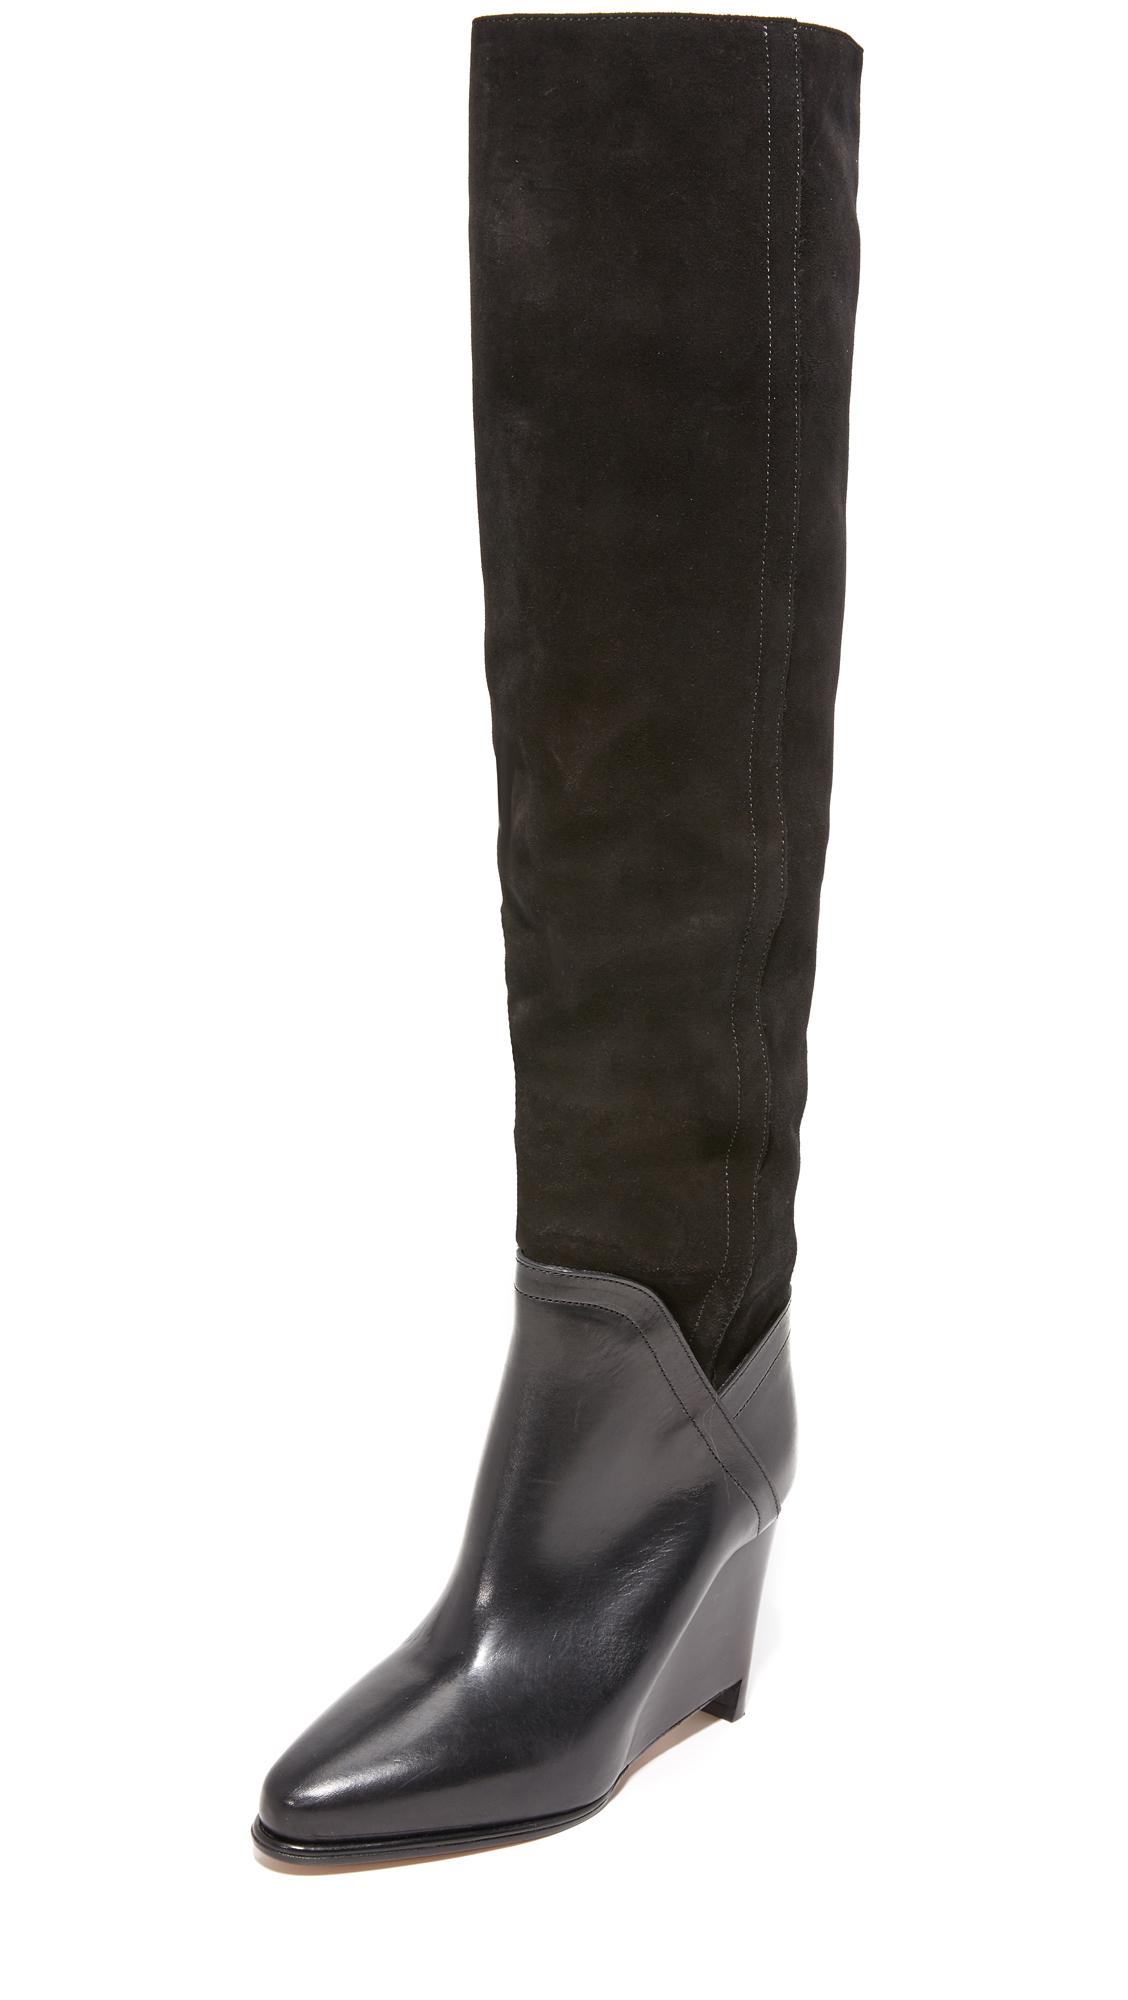 Maison Margiela Leather & Suede Boots - Black